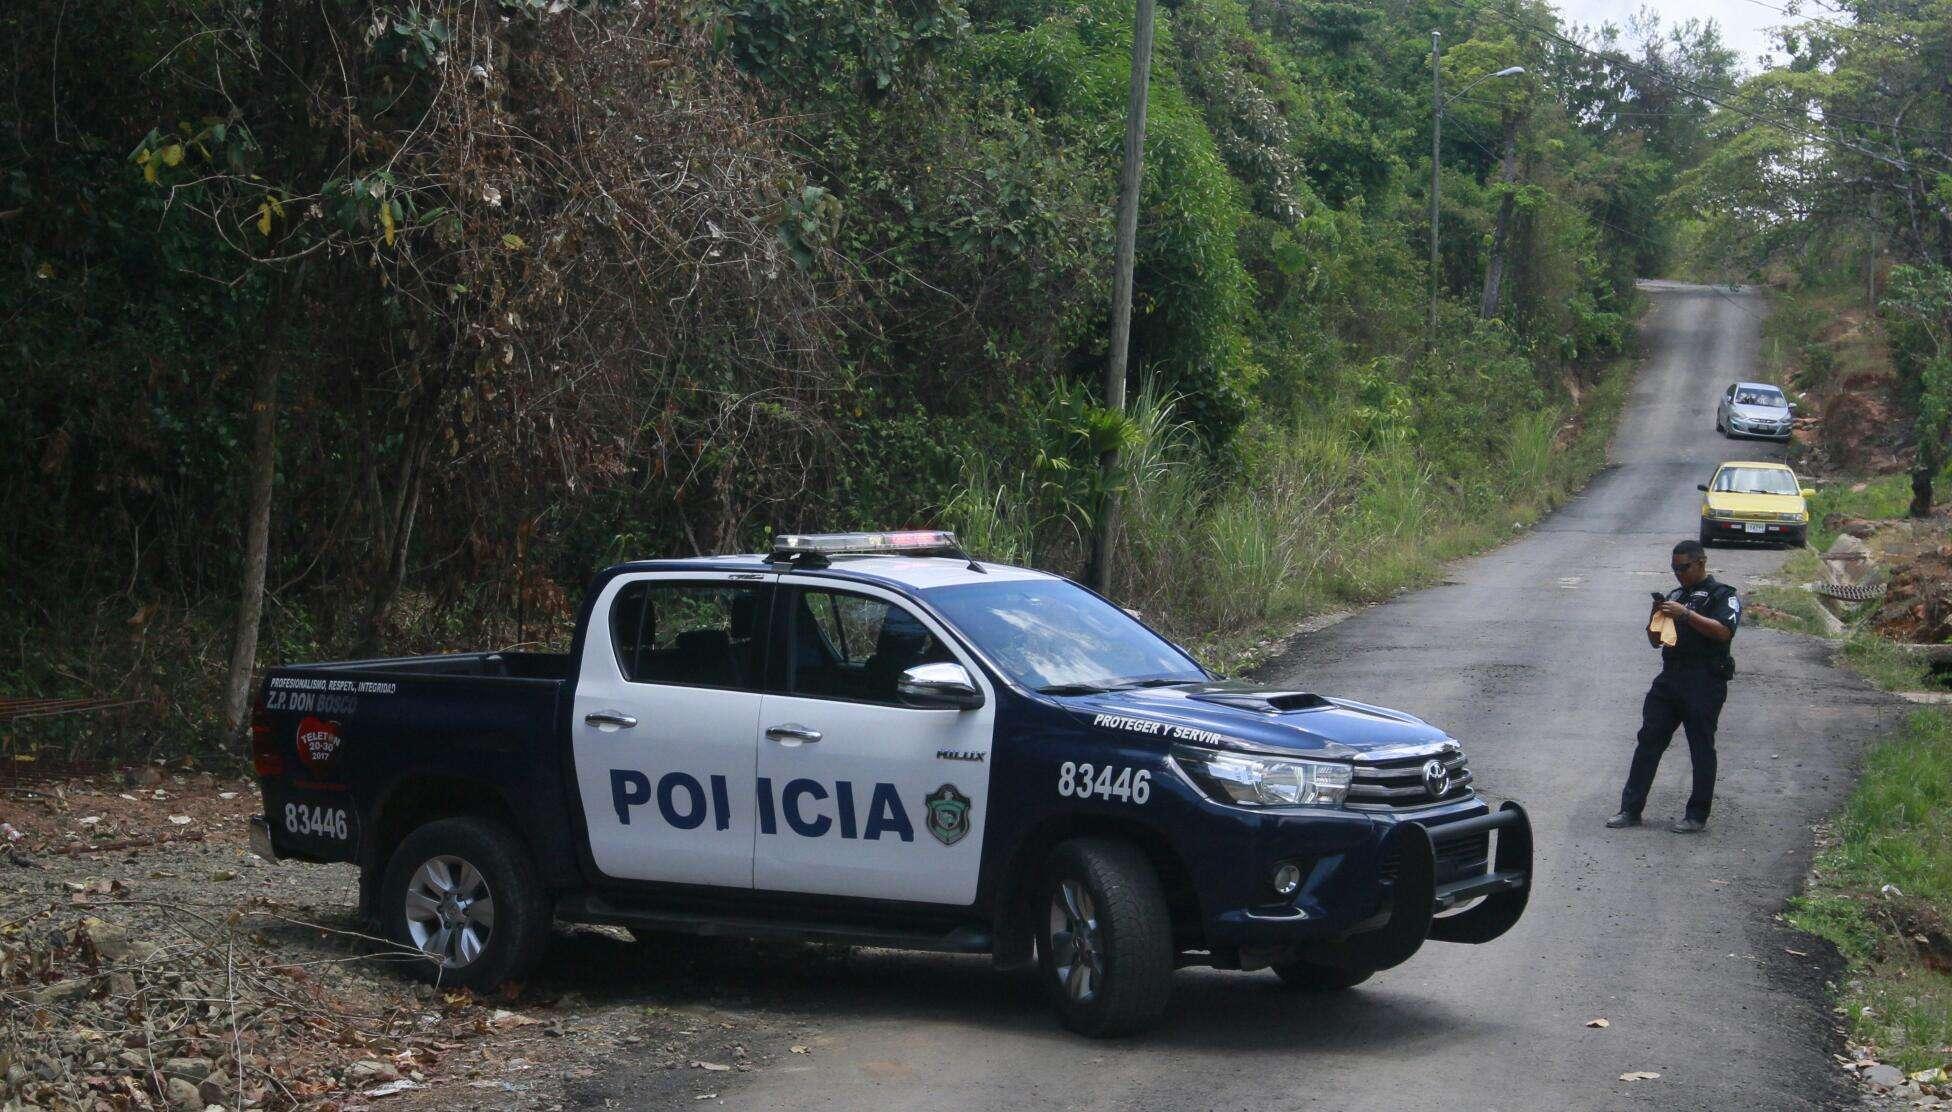 Se presume que las víctimas pudieran ser dos ciudadanos que fueron reportados como desaparecidos por familiares ayer sábado. Foto: Edwards Santos